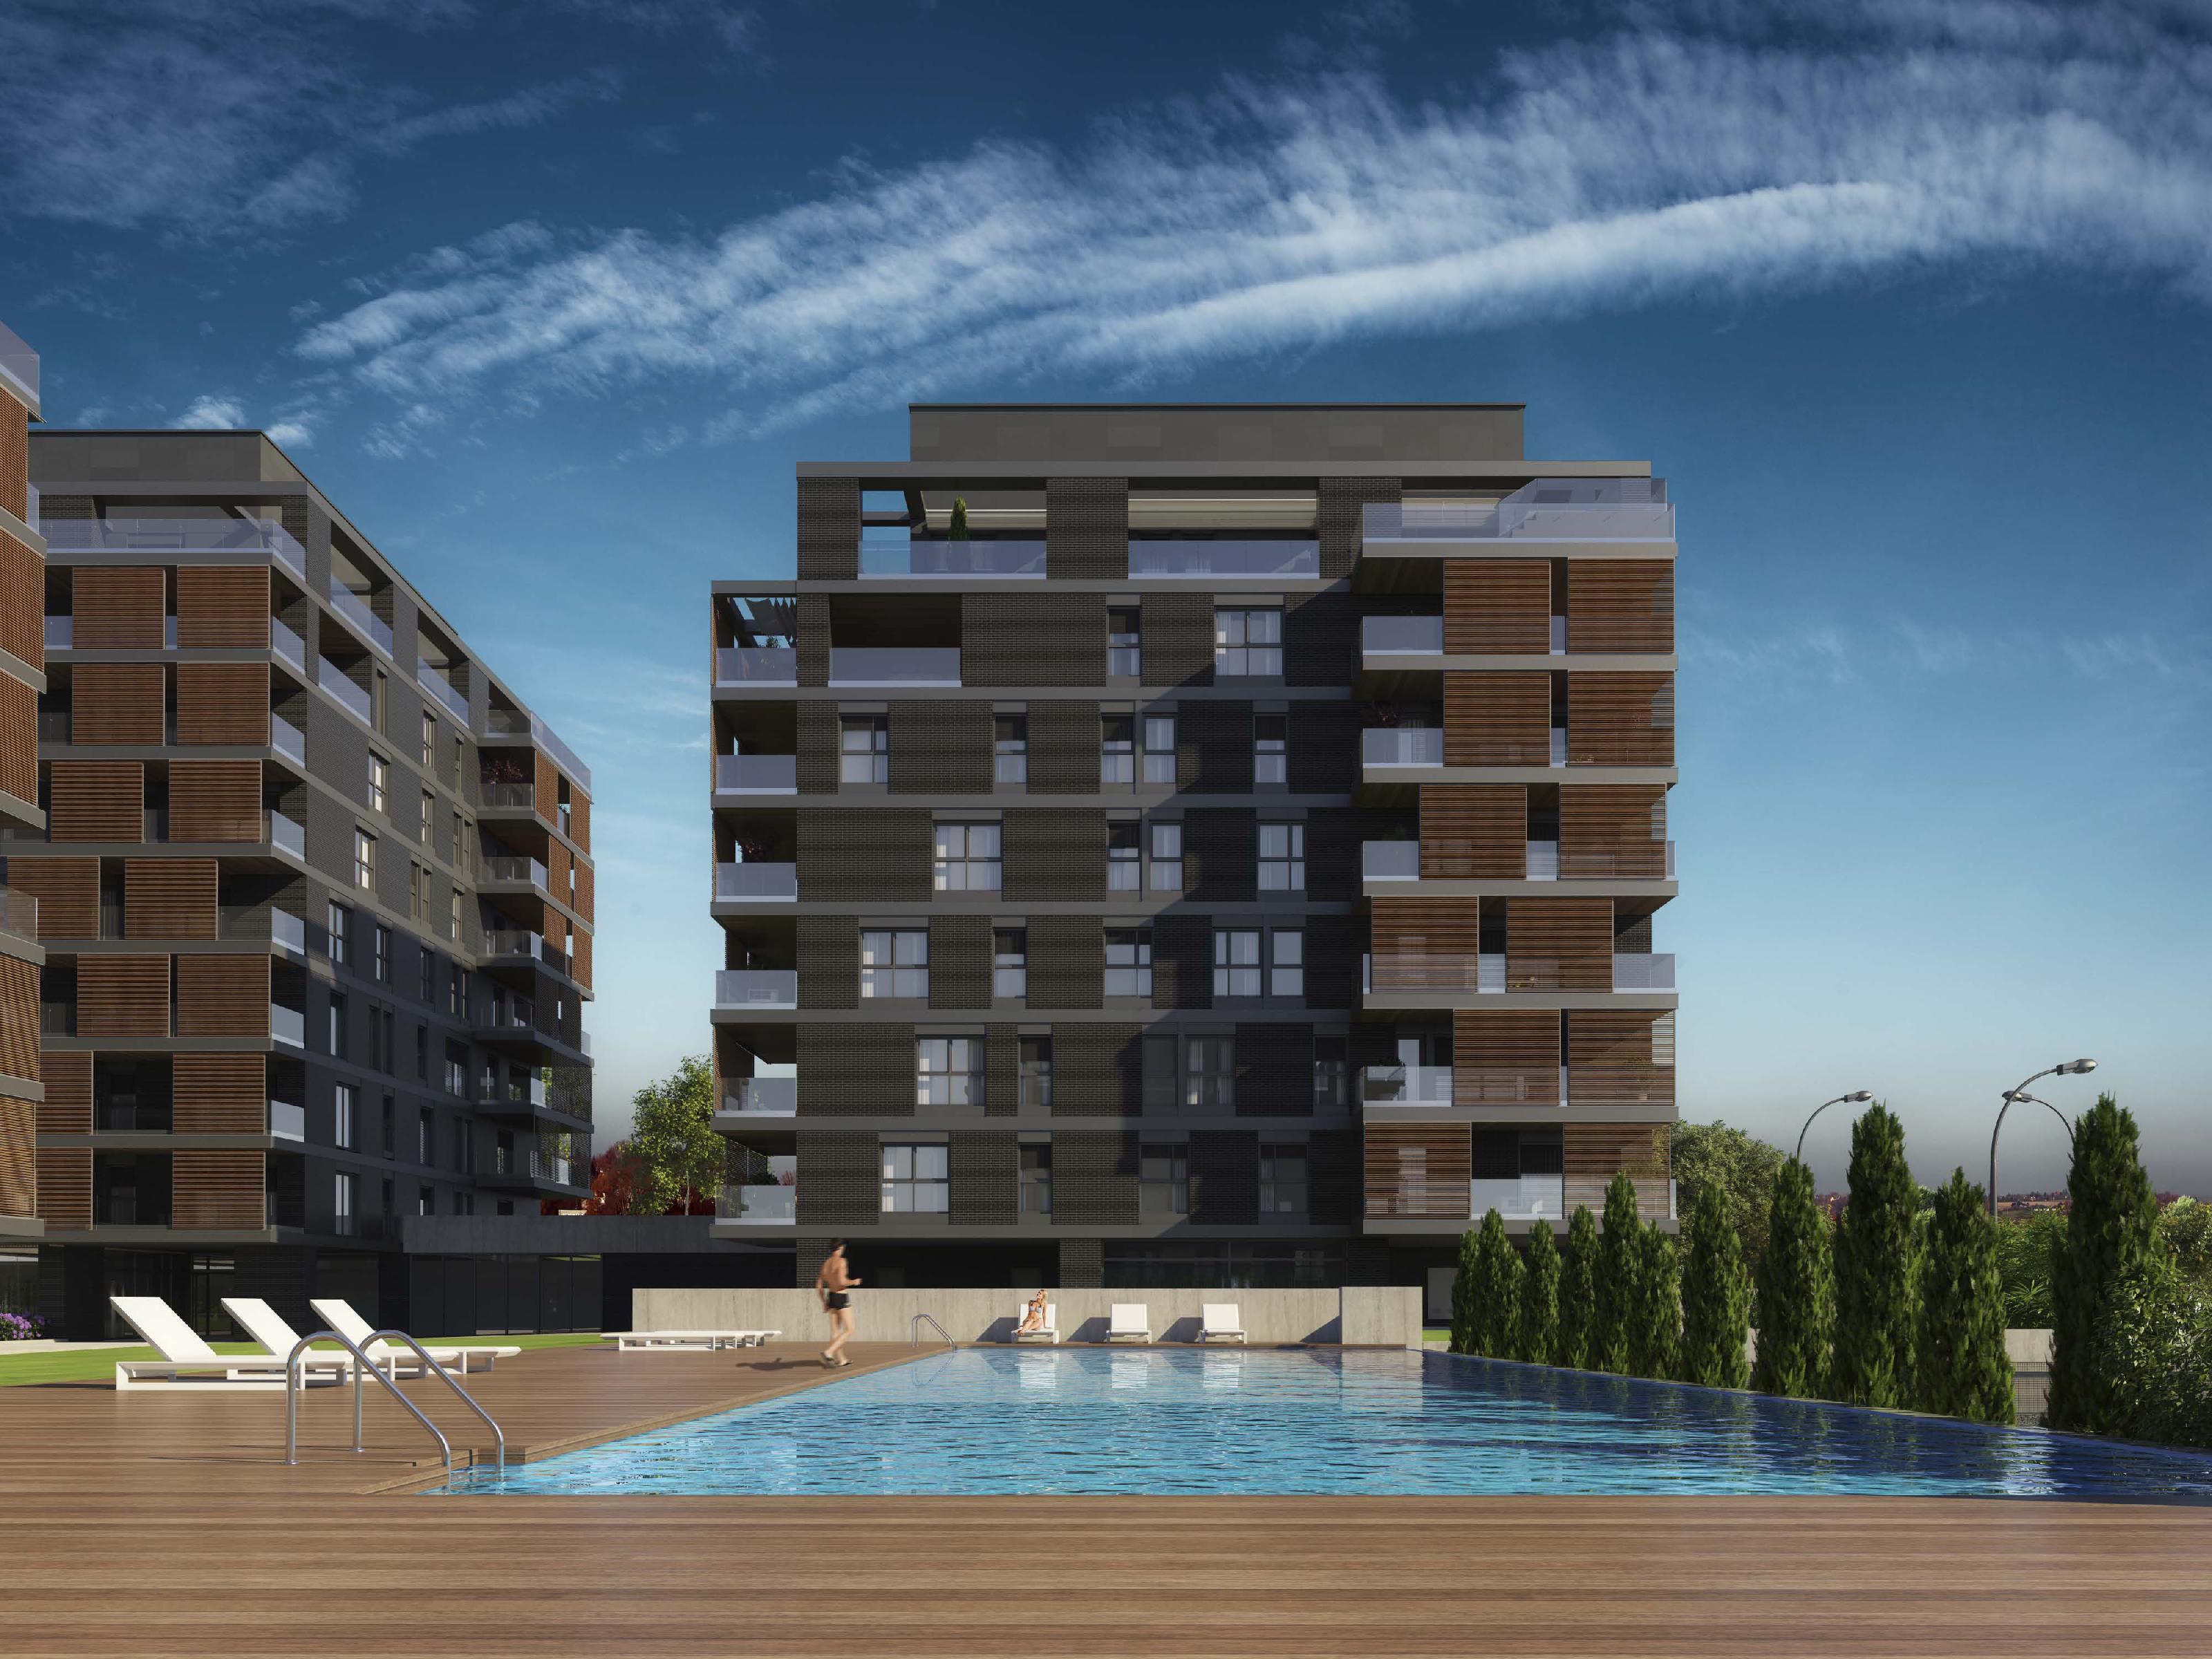 251920 Flat for sale in Esplugues De Llobregat 2